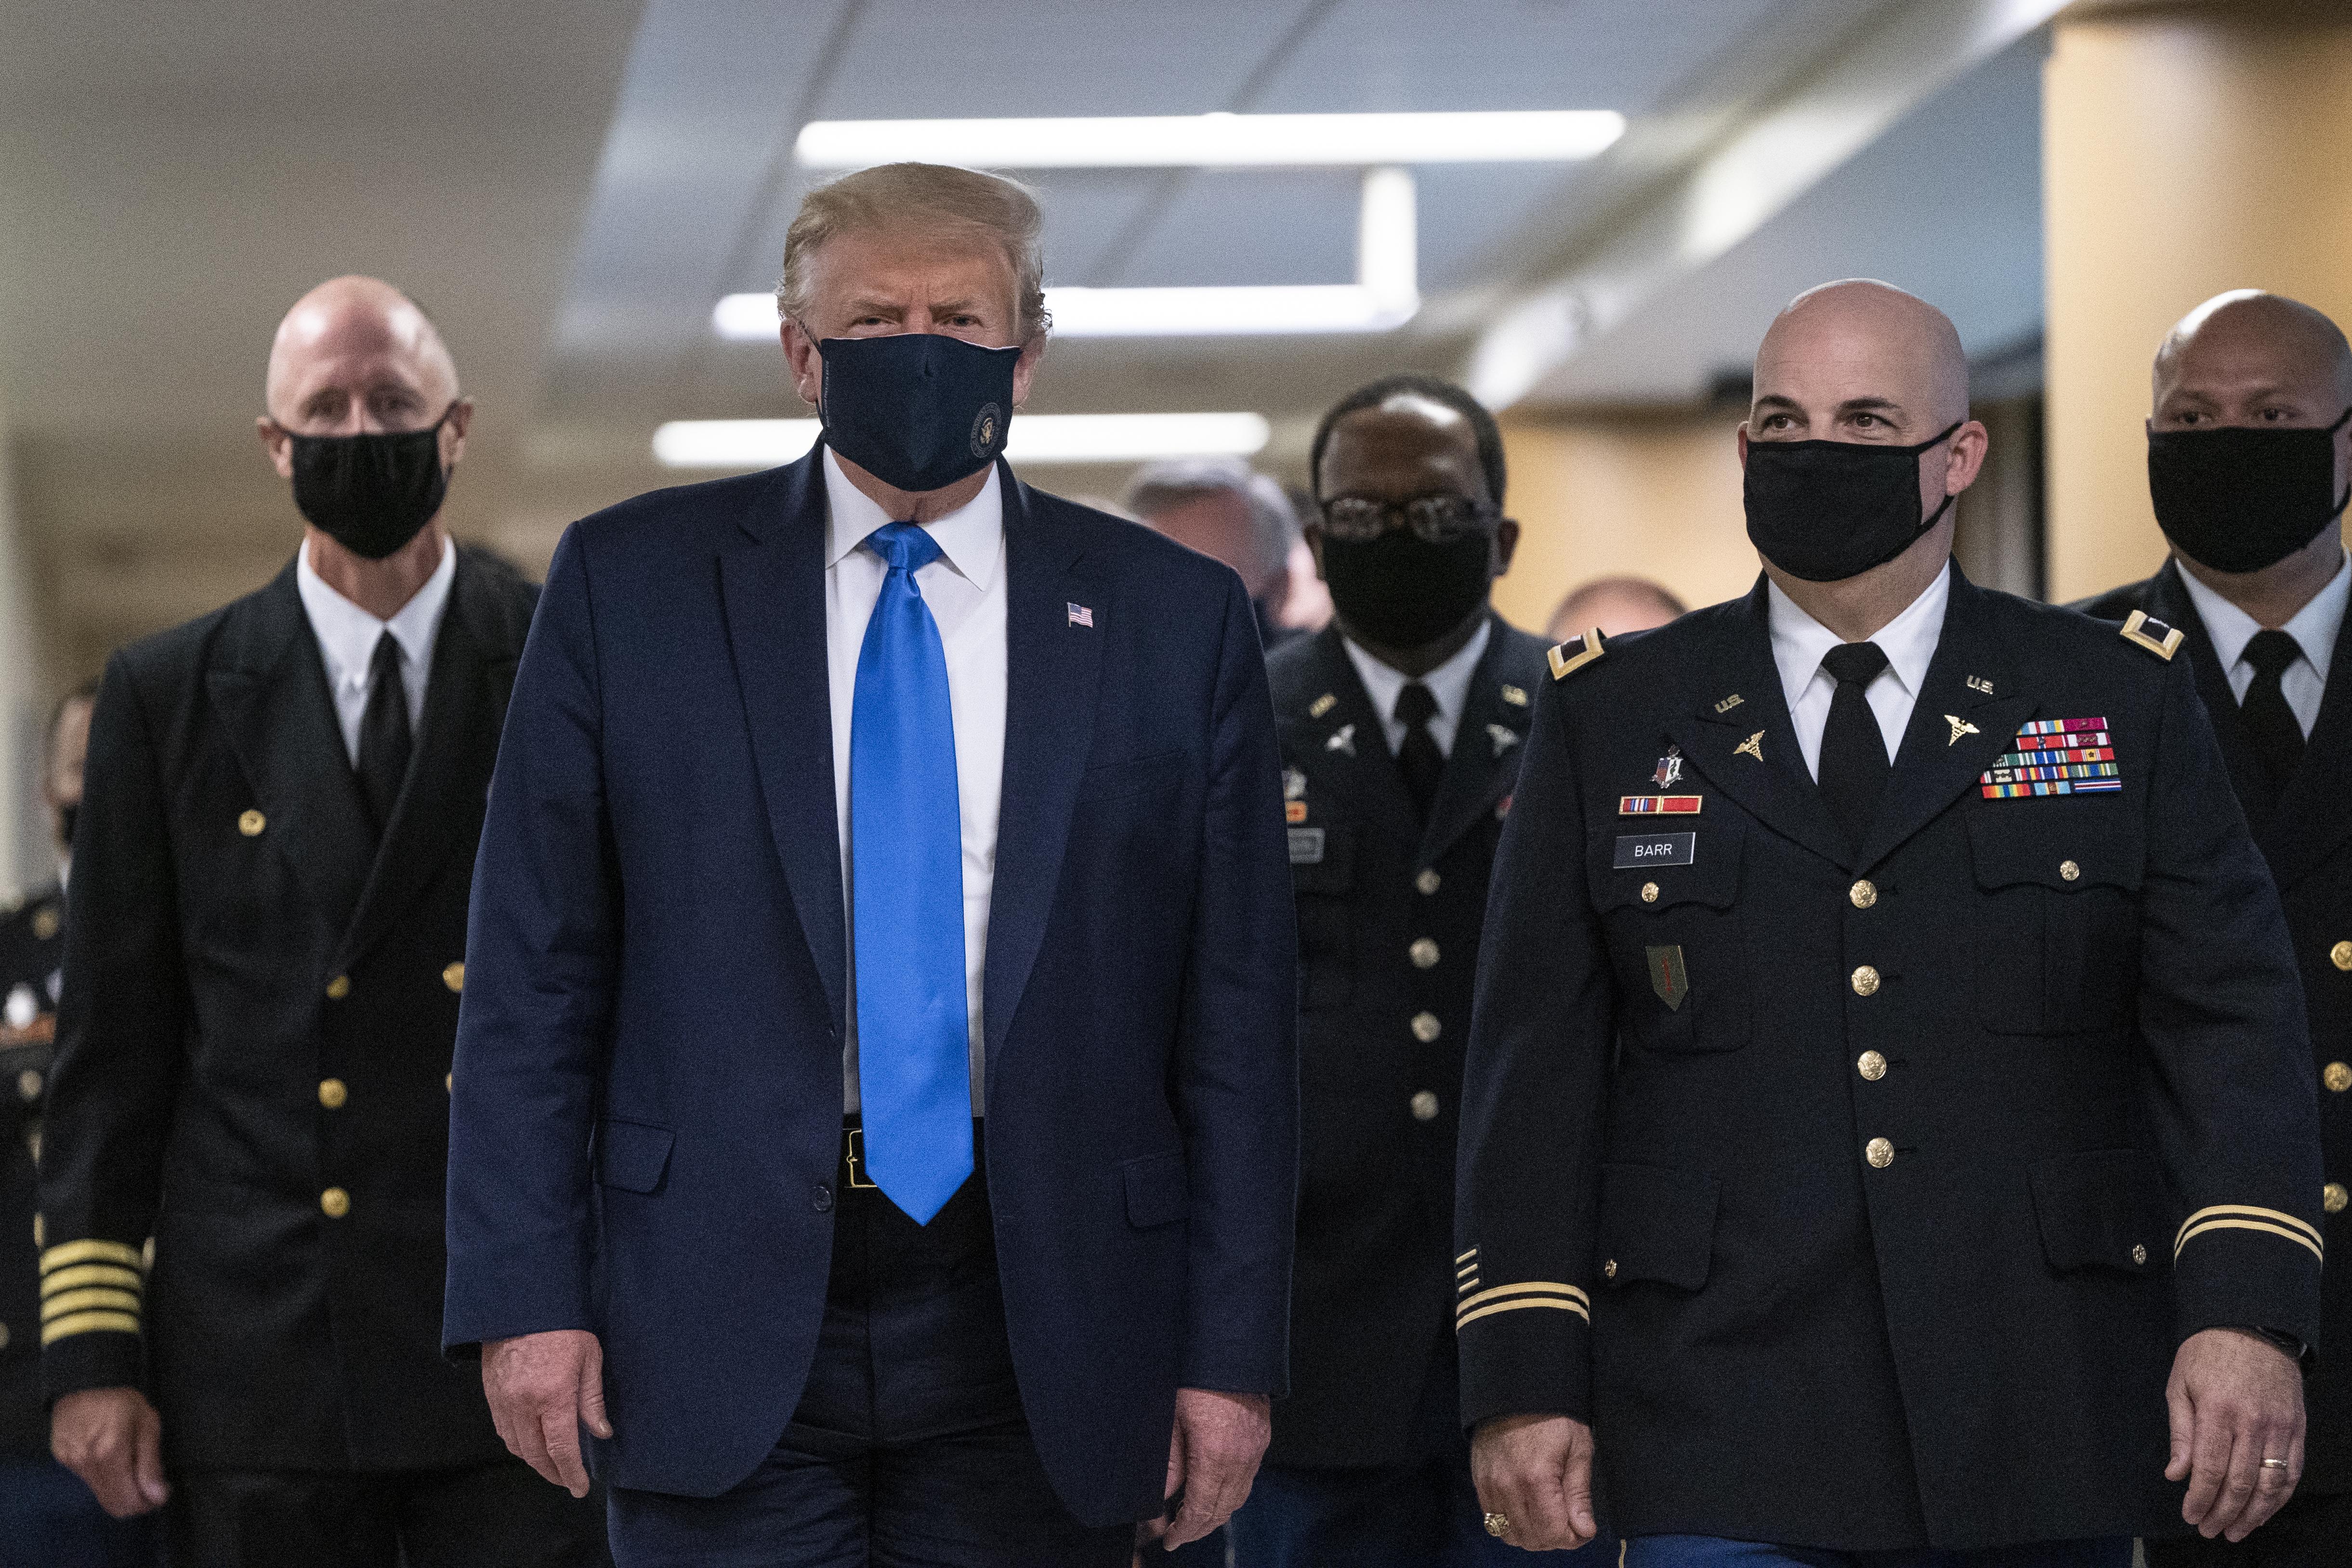 特朗普訪問軍醫院 首度公共場合戴口罩